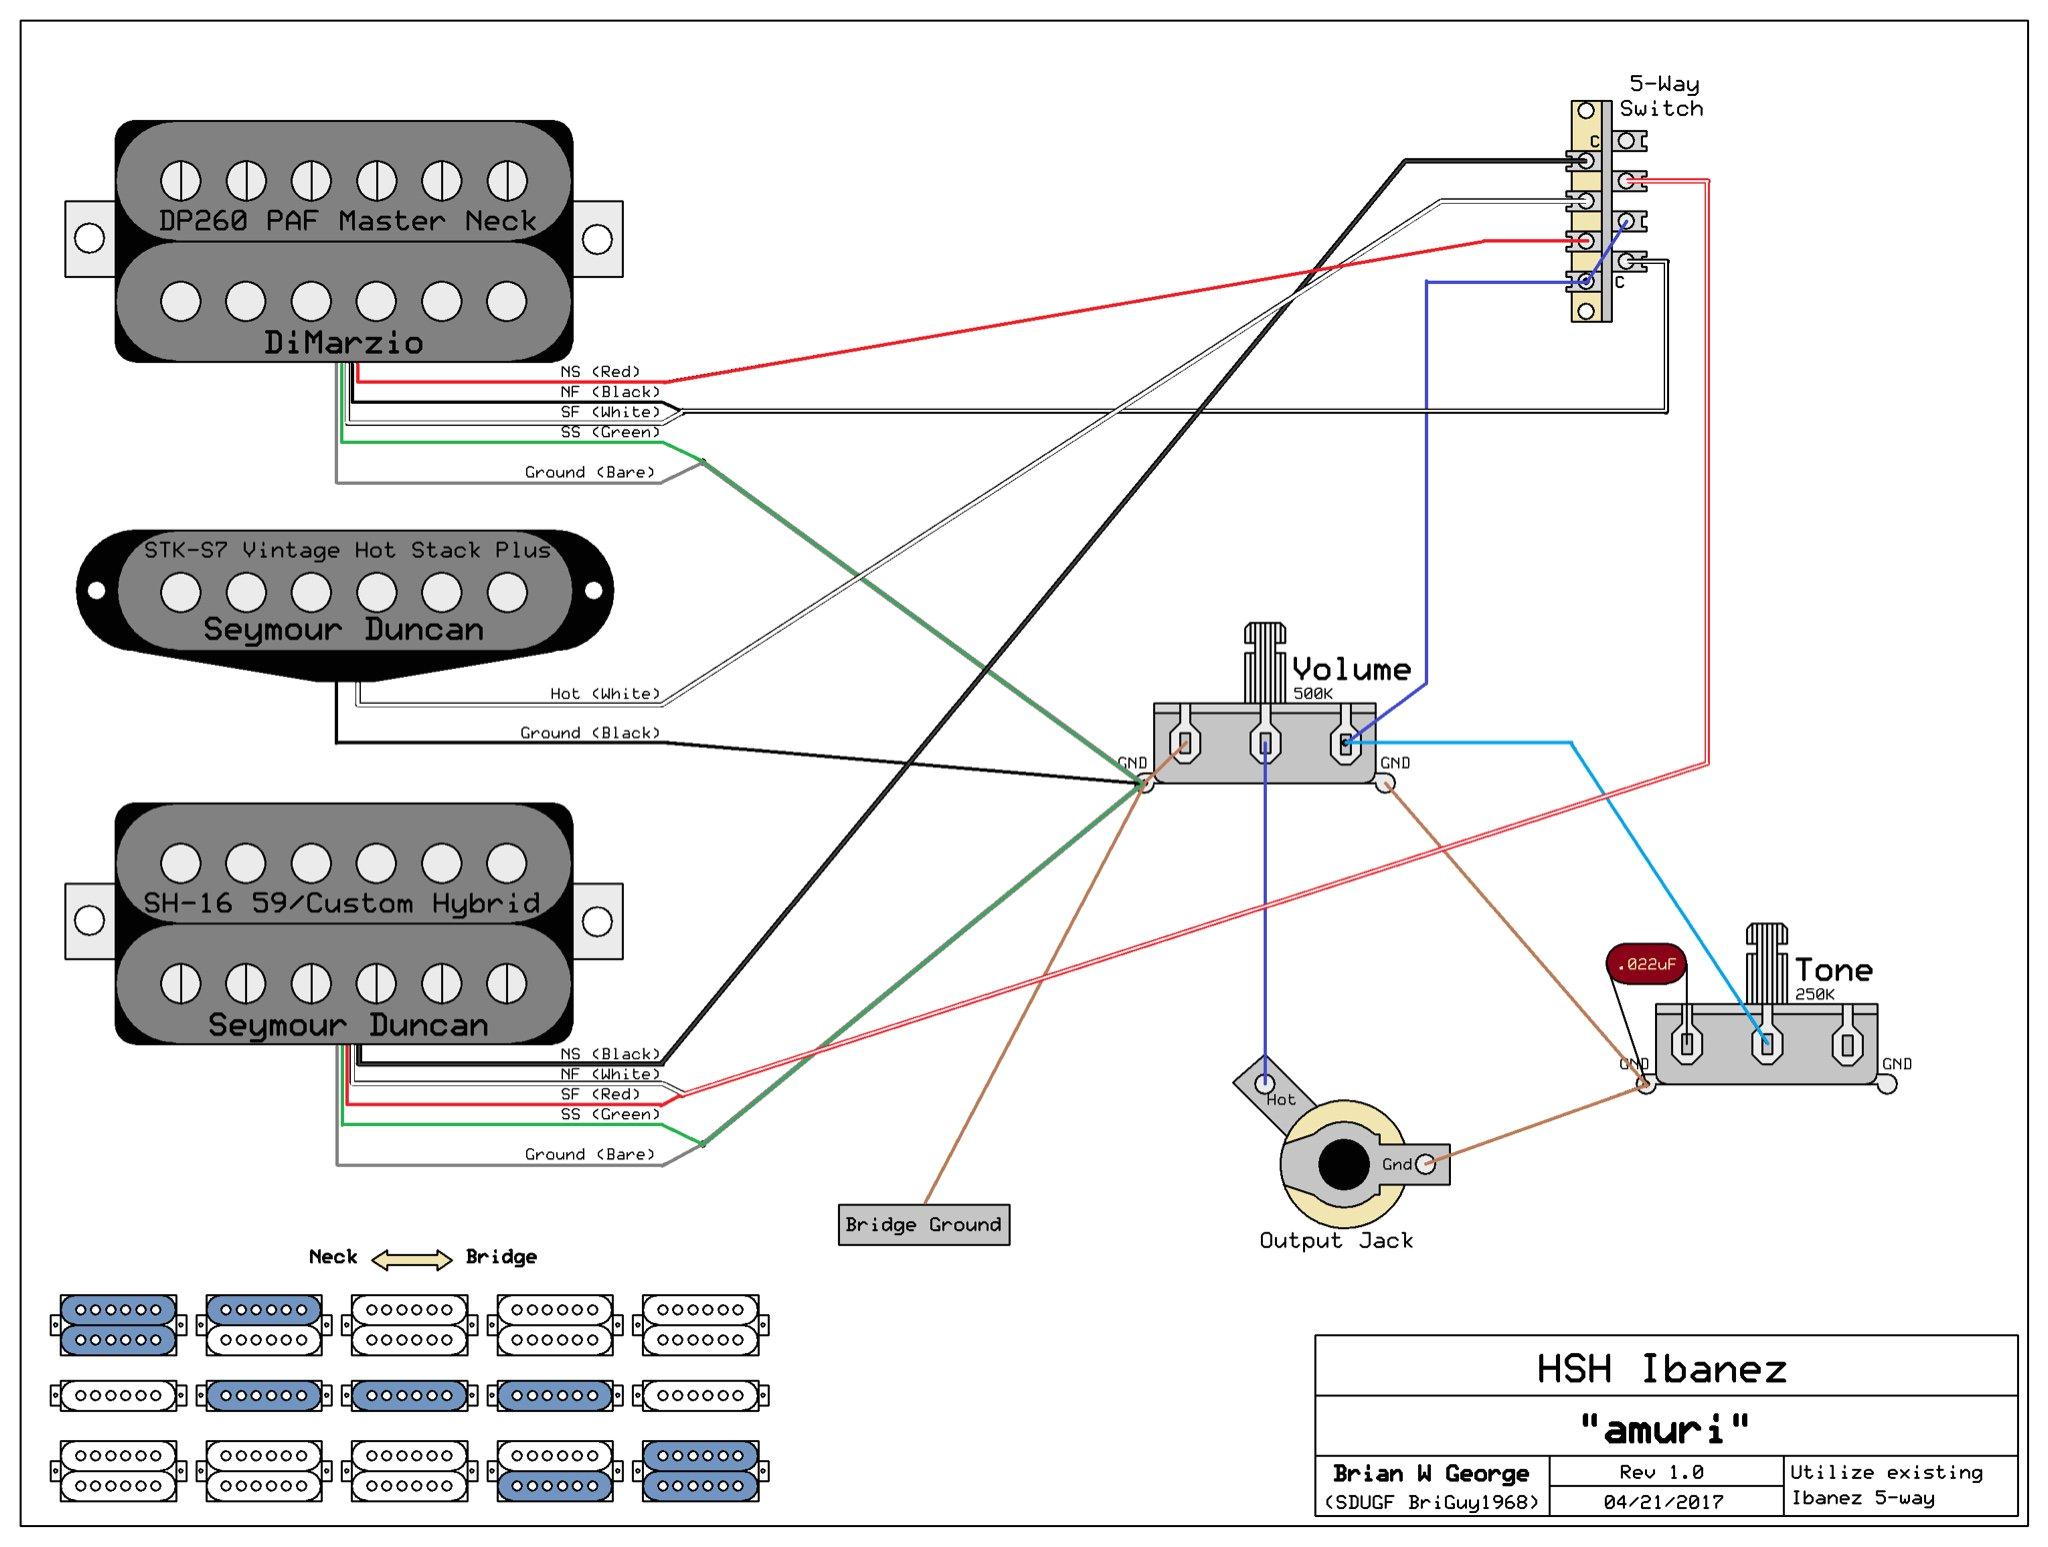 hhs wiring 5 way switch wiring diagram meta alston with 5 way switch wiring diagram